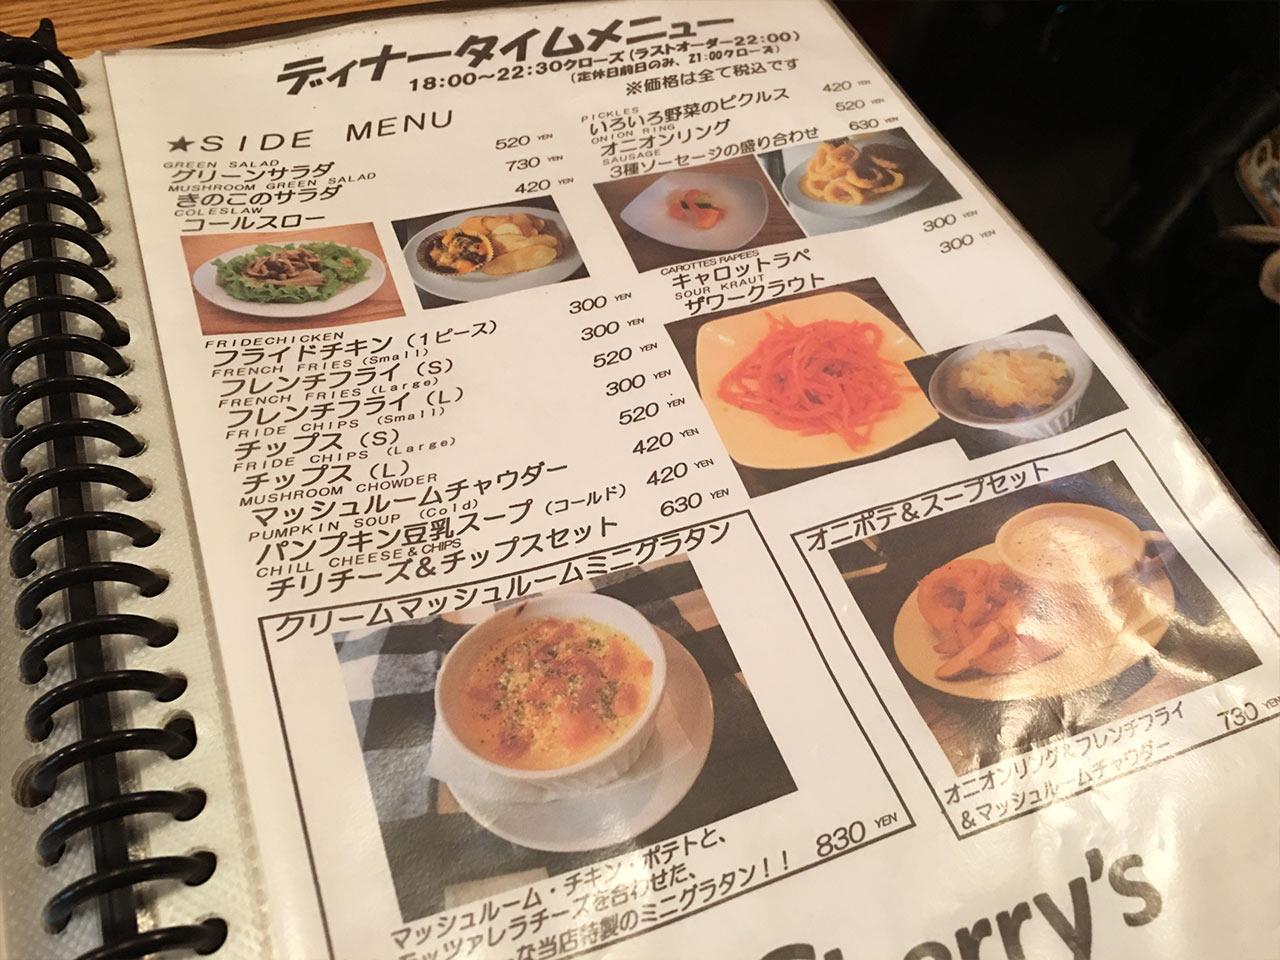 武蔵小山Sherry's Burger Cafeのメニュー ディナーメニュー